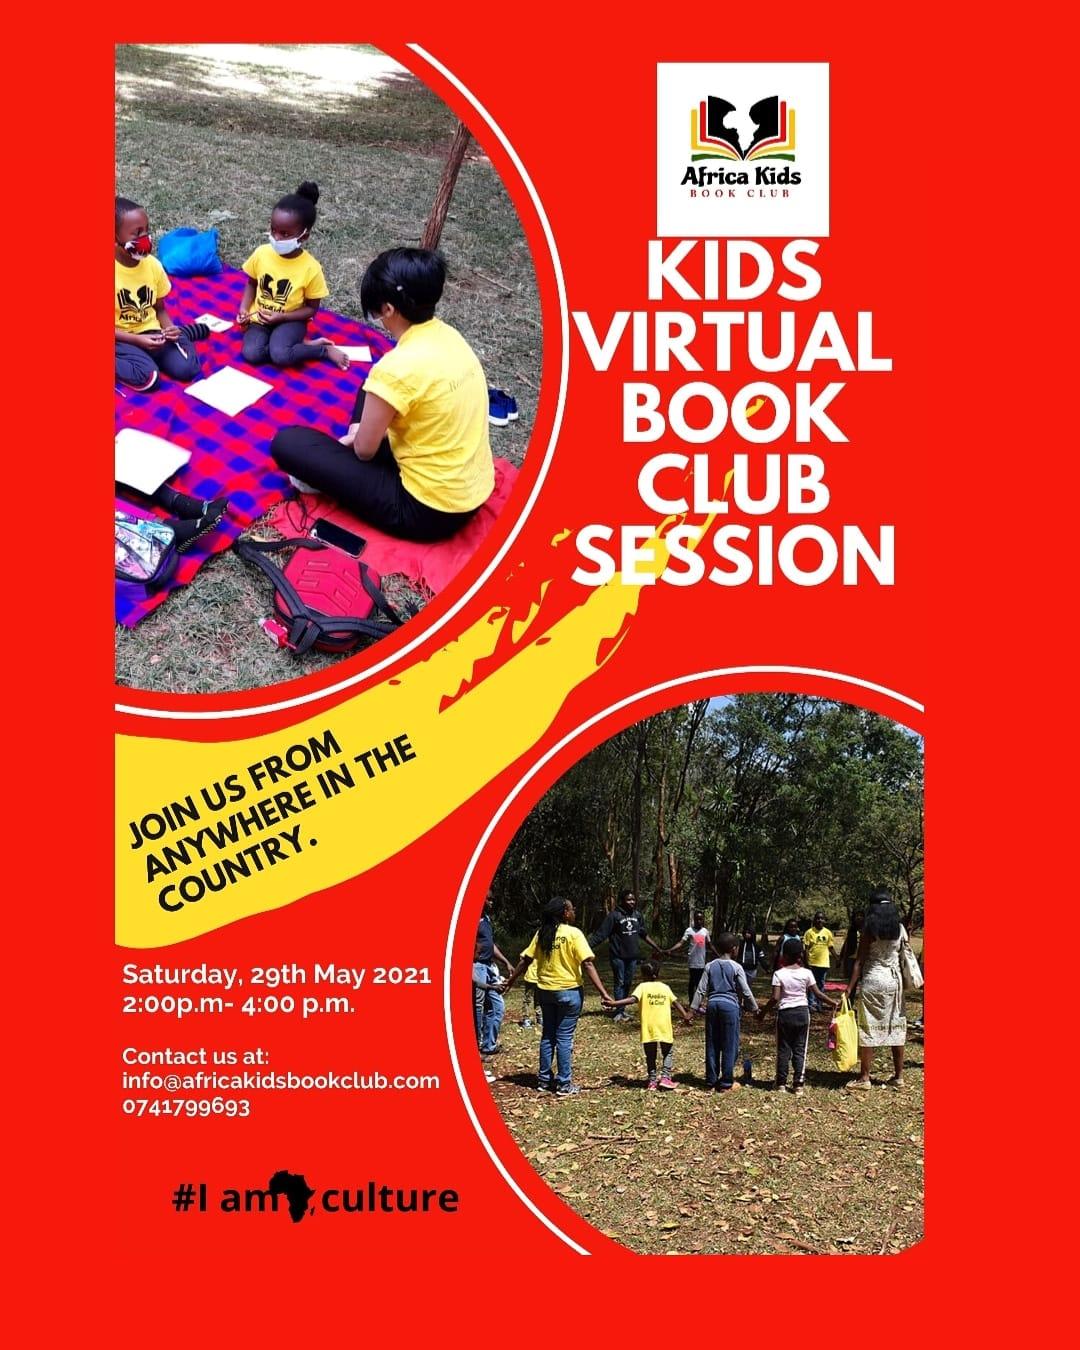 Kids Virtual Book Club Session